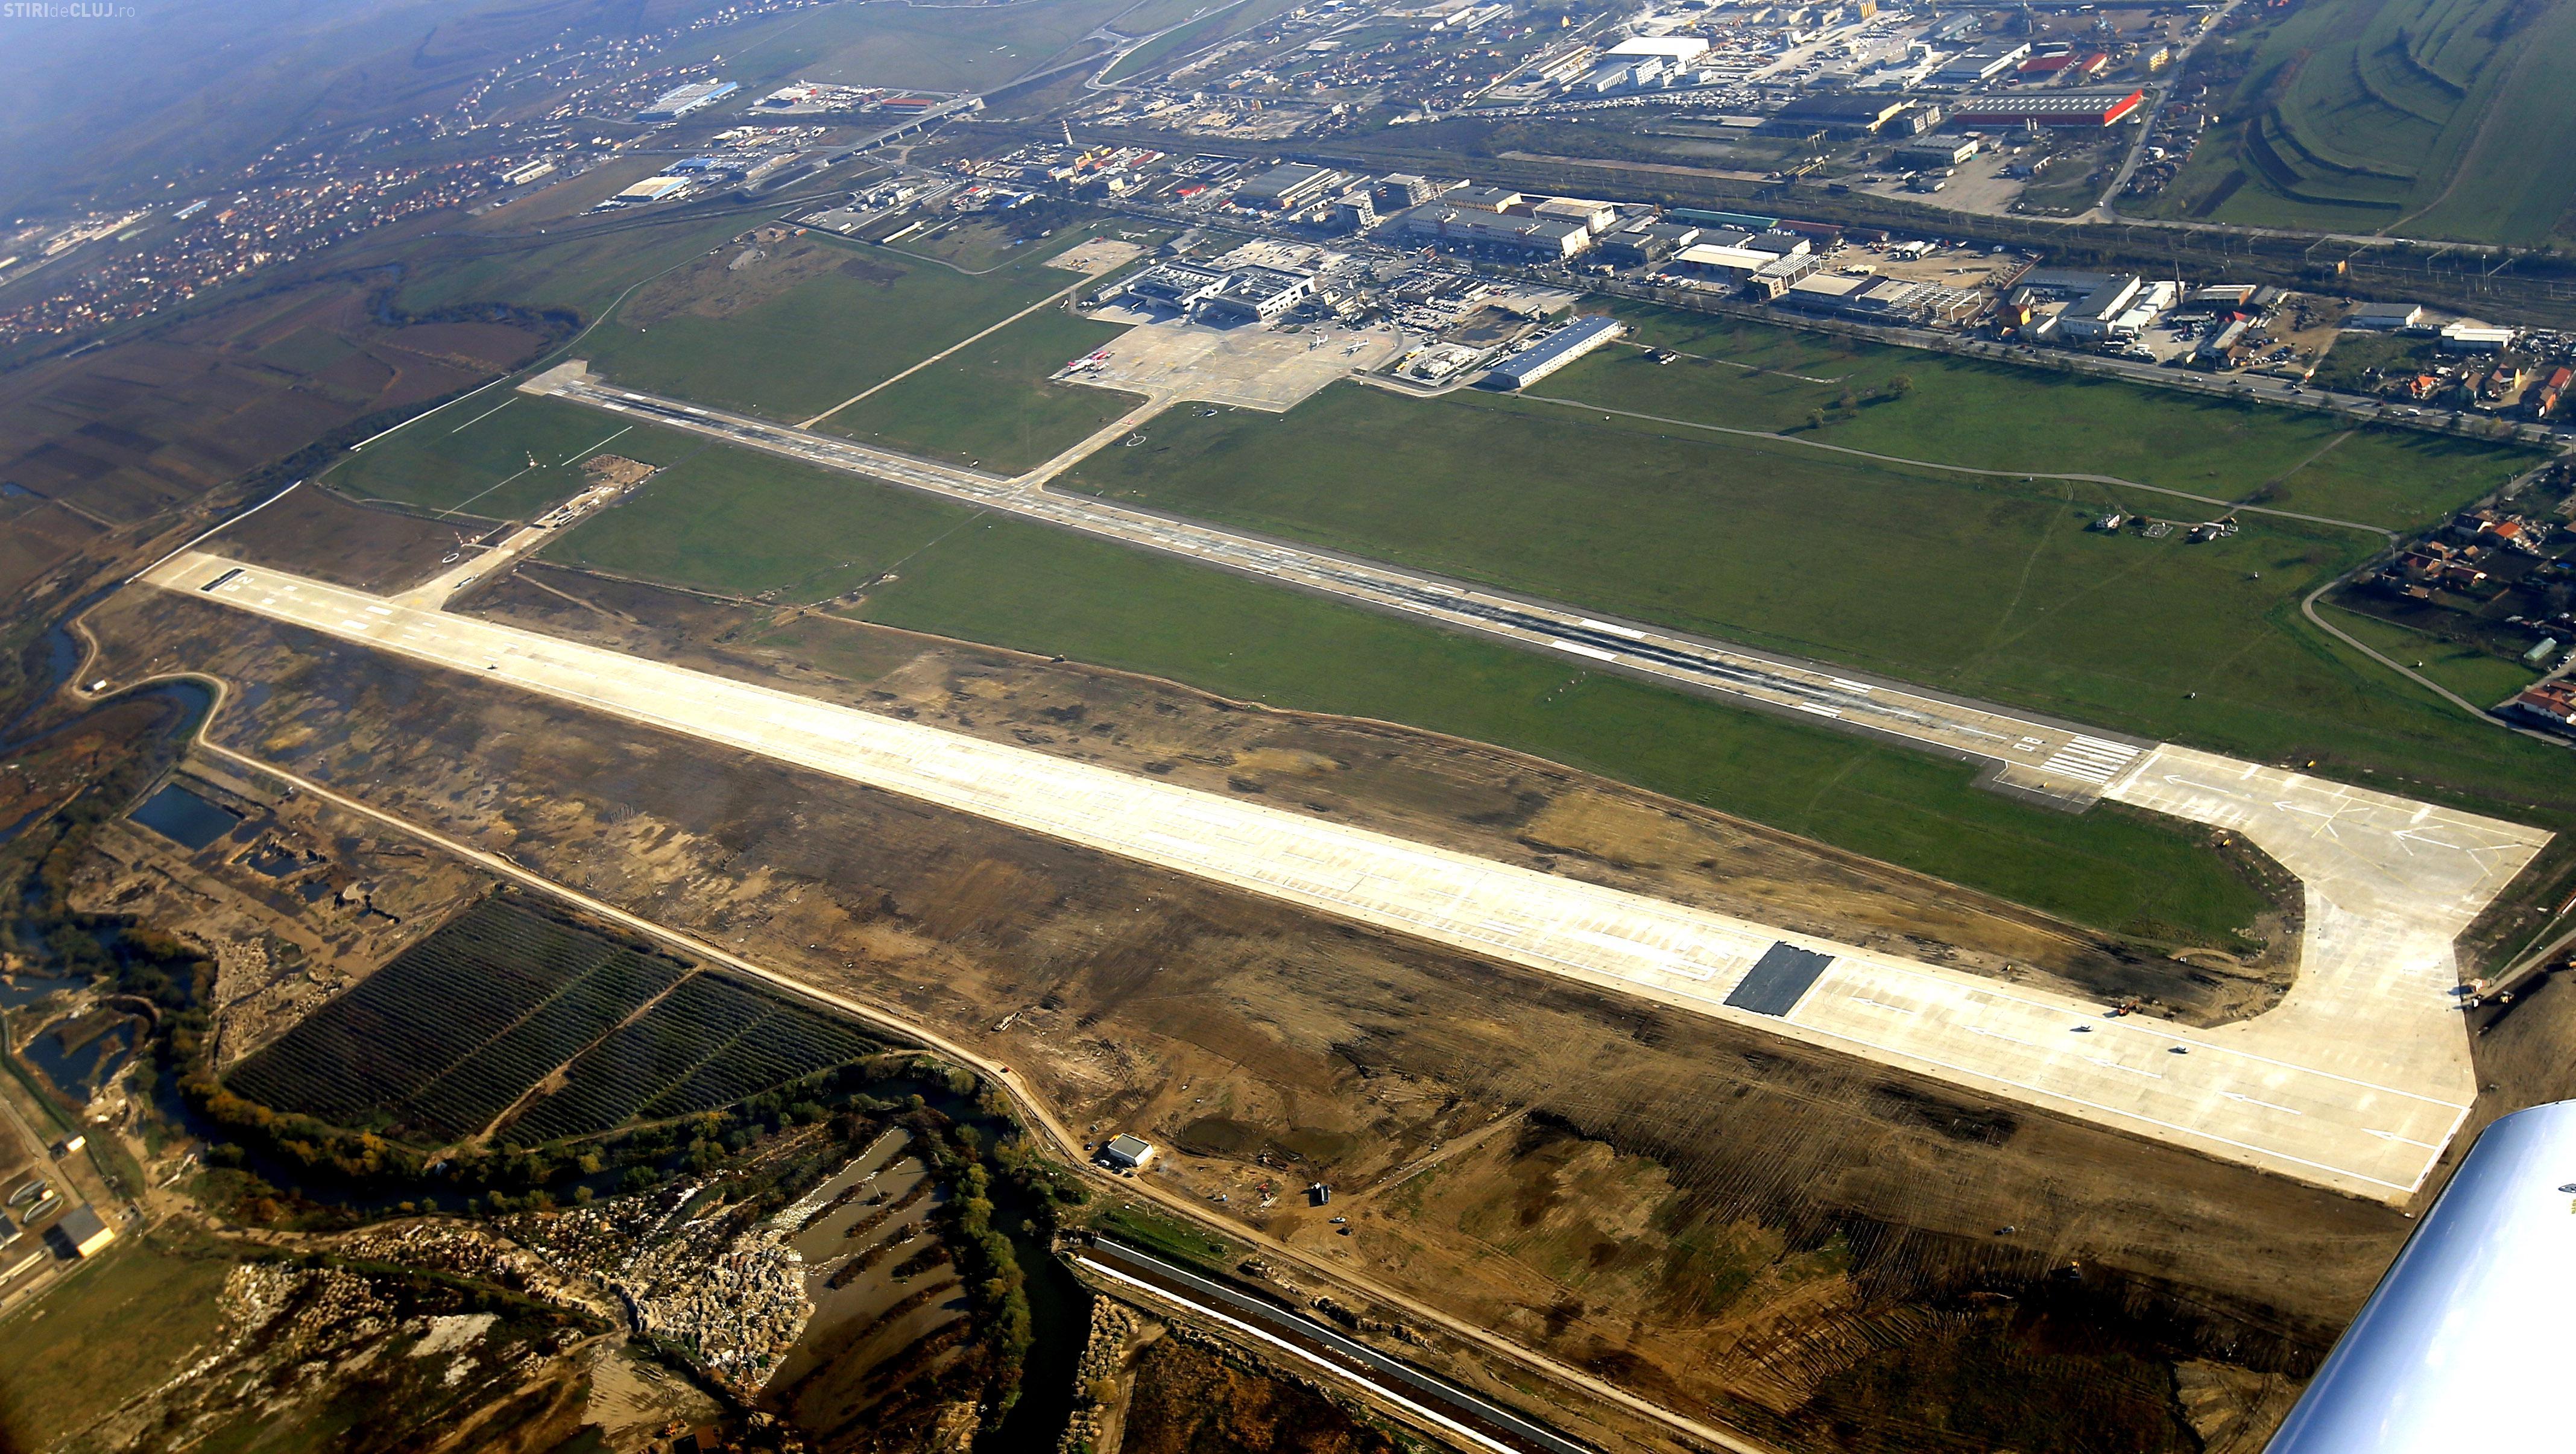 CJ Cluj acuză că Aeroportului Cluj nu a permis vizitarea pistei. Aeroportul se apără